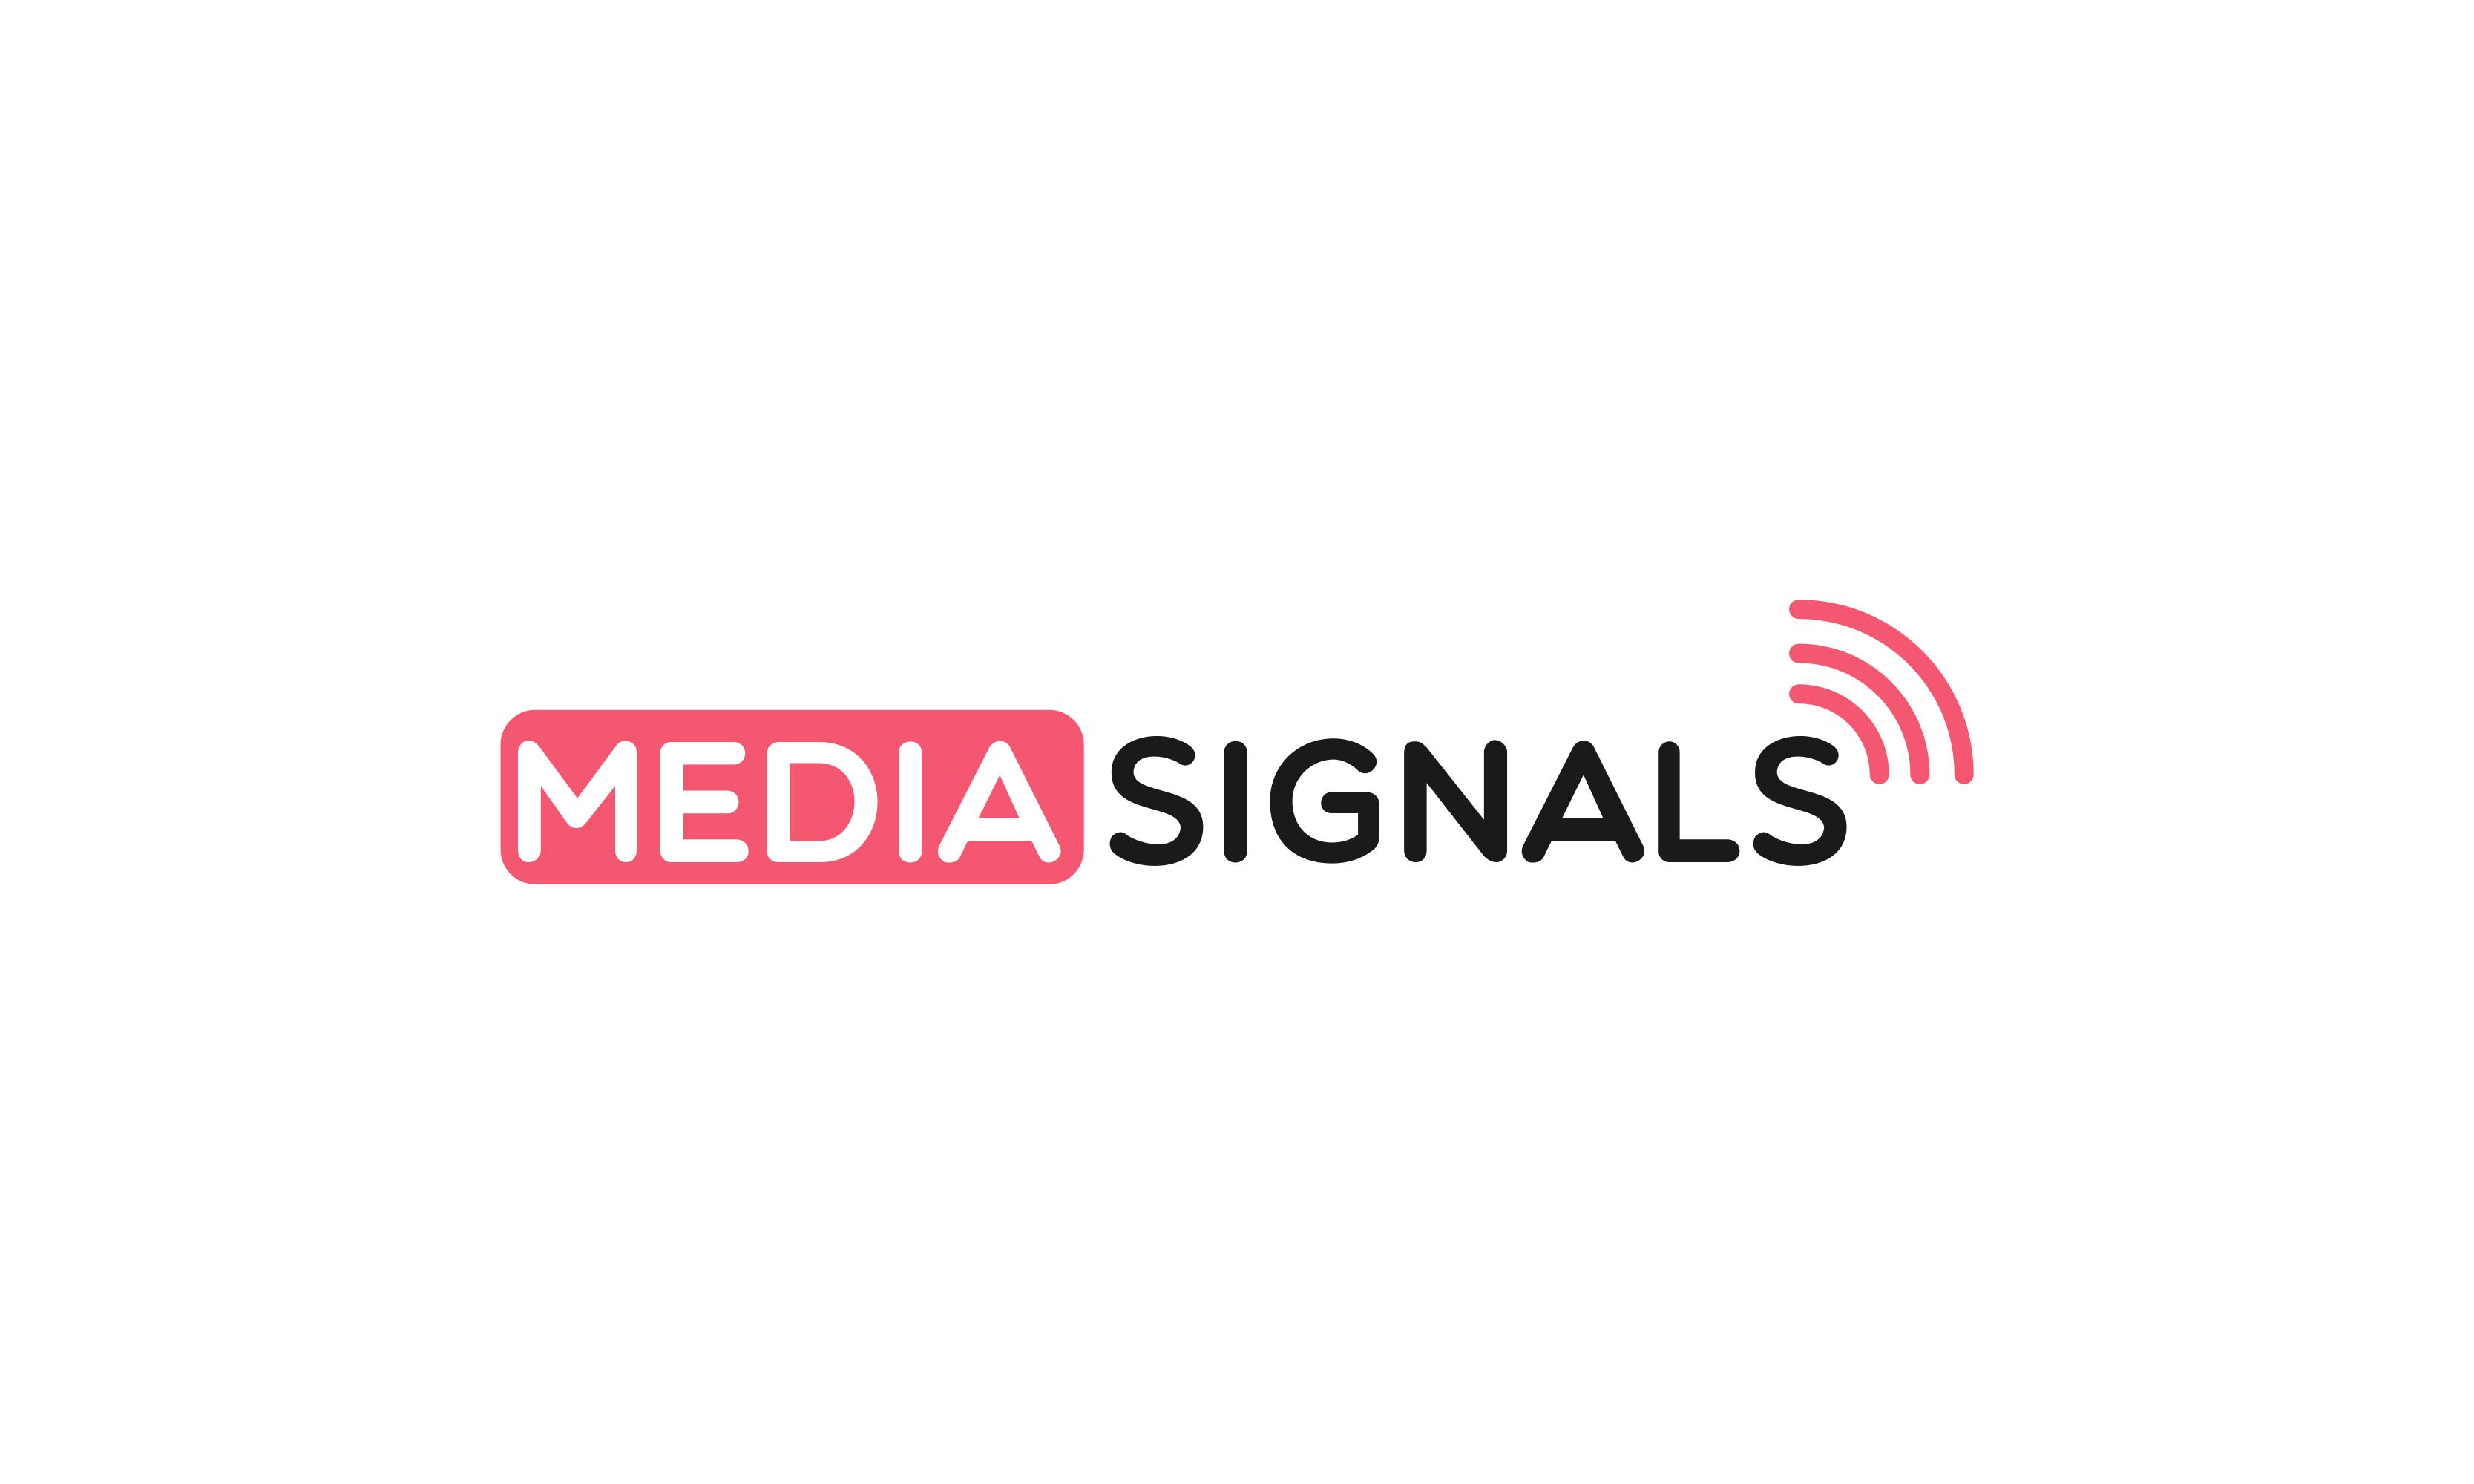 Mediasignals